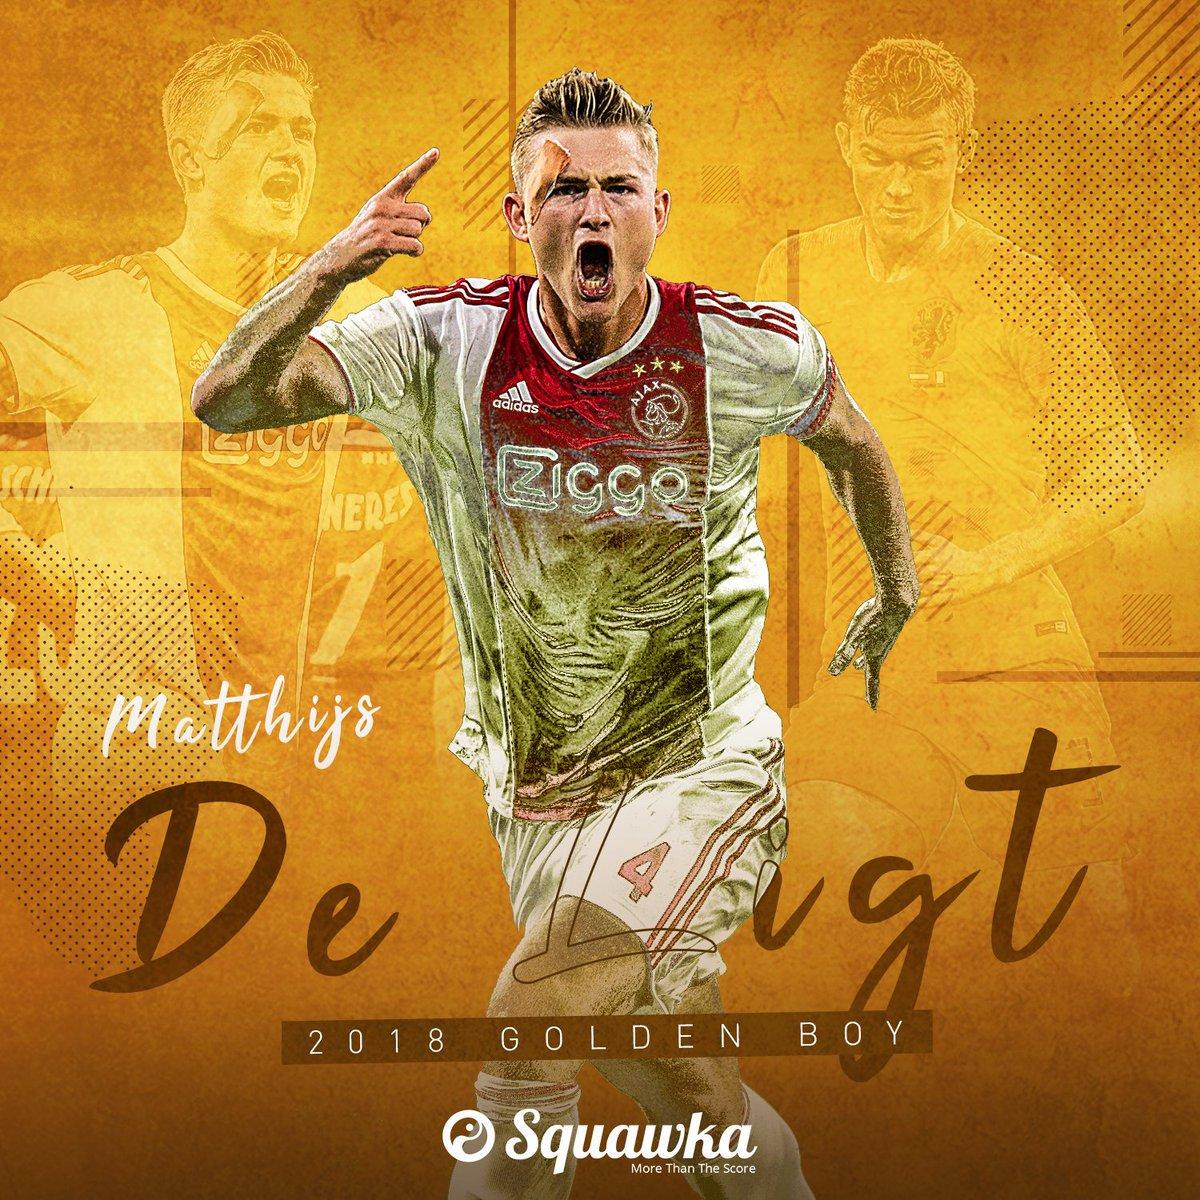 当之无愧的金童!德里赫特成欧冠进球最年轻的荷兰后卫